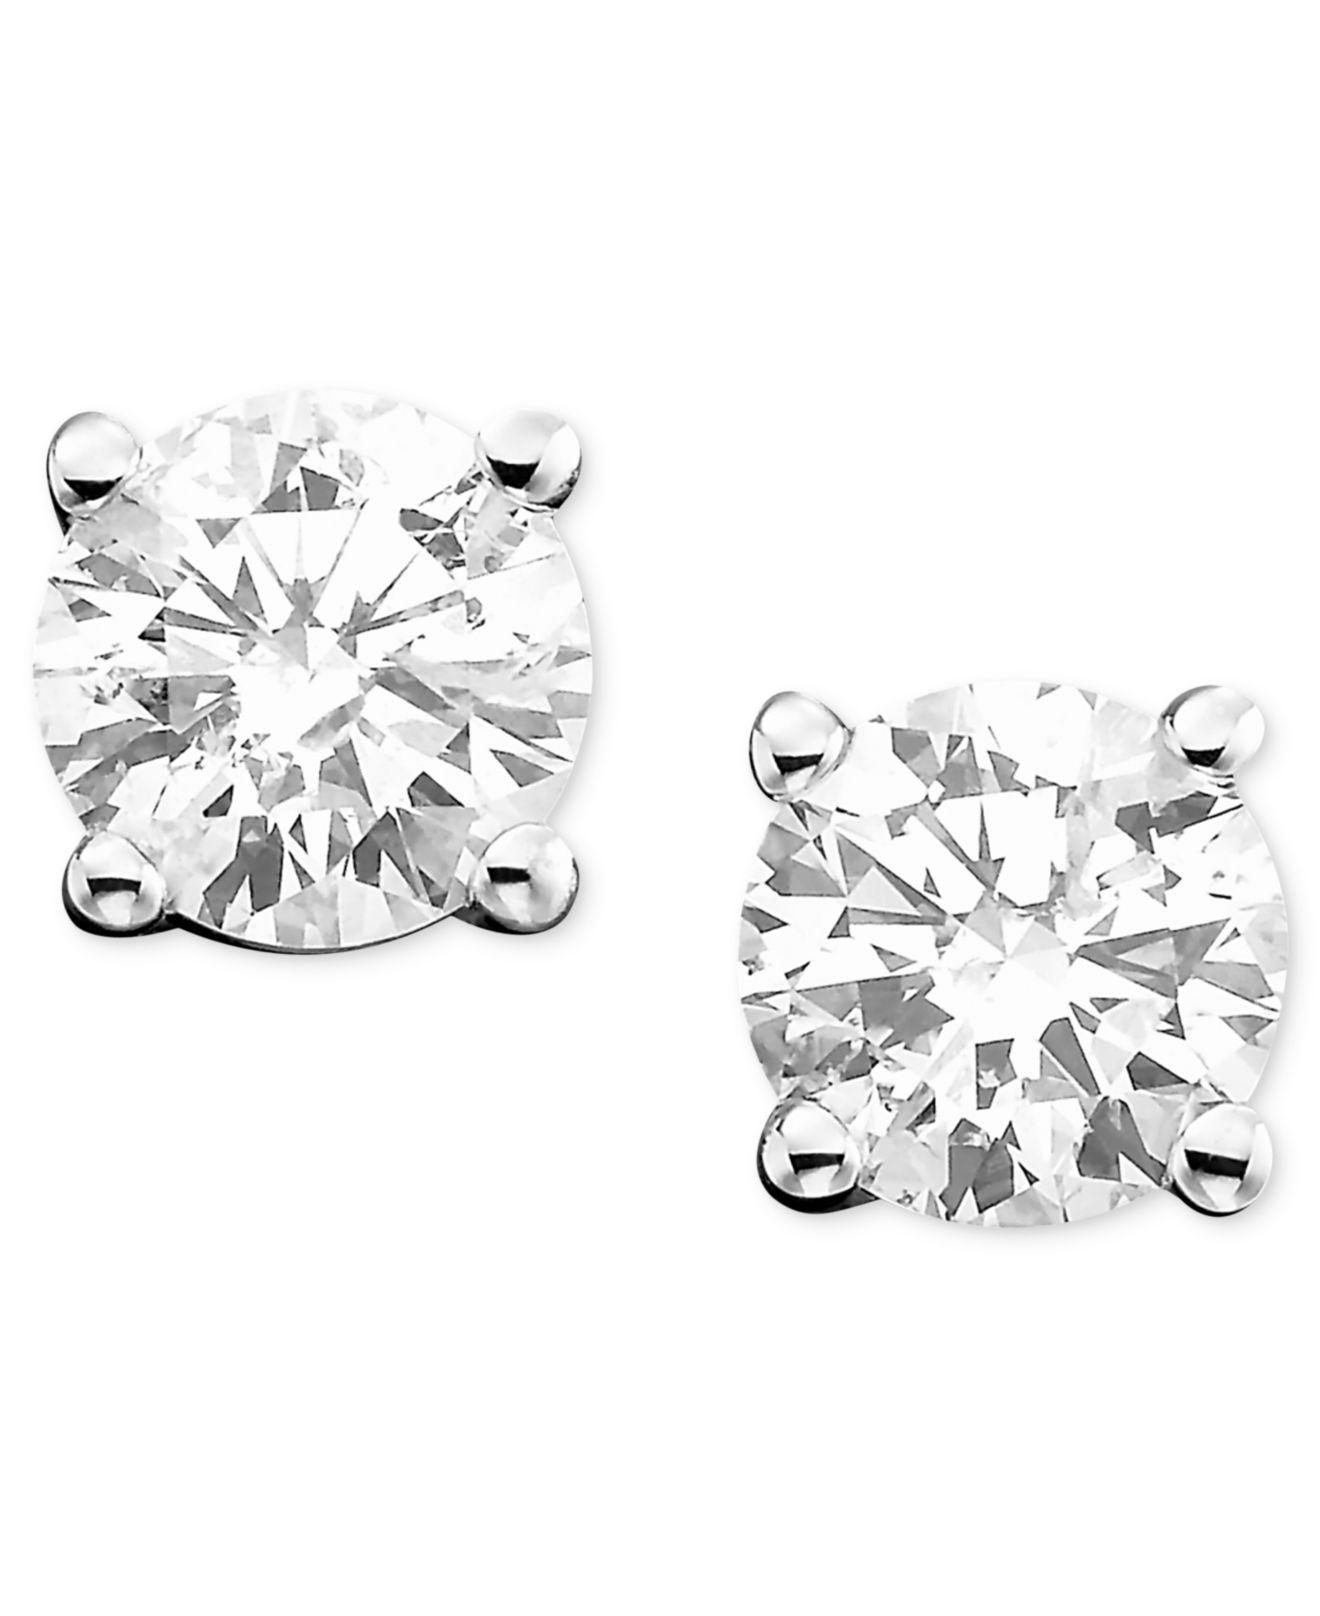 18265a8e7 Lyst - Macy's Diamond Stud Earrings (1-1/4 Ct. T.w.) In 14k White Or ...